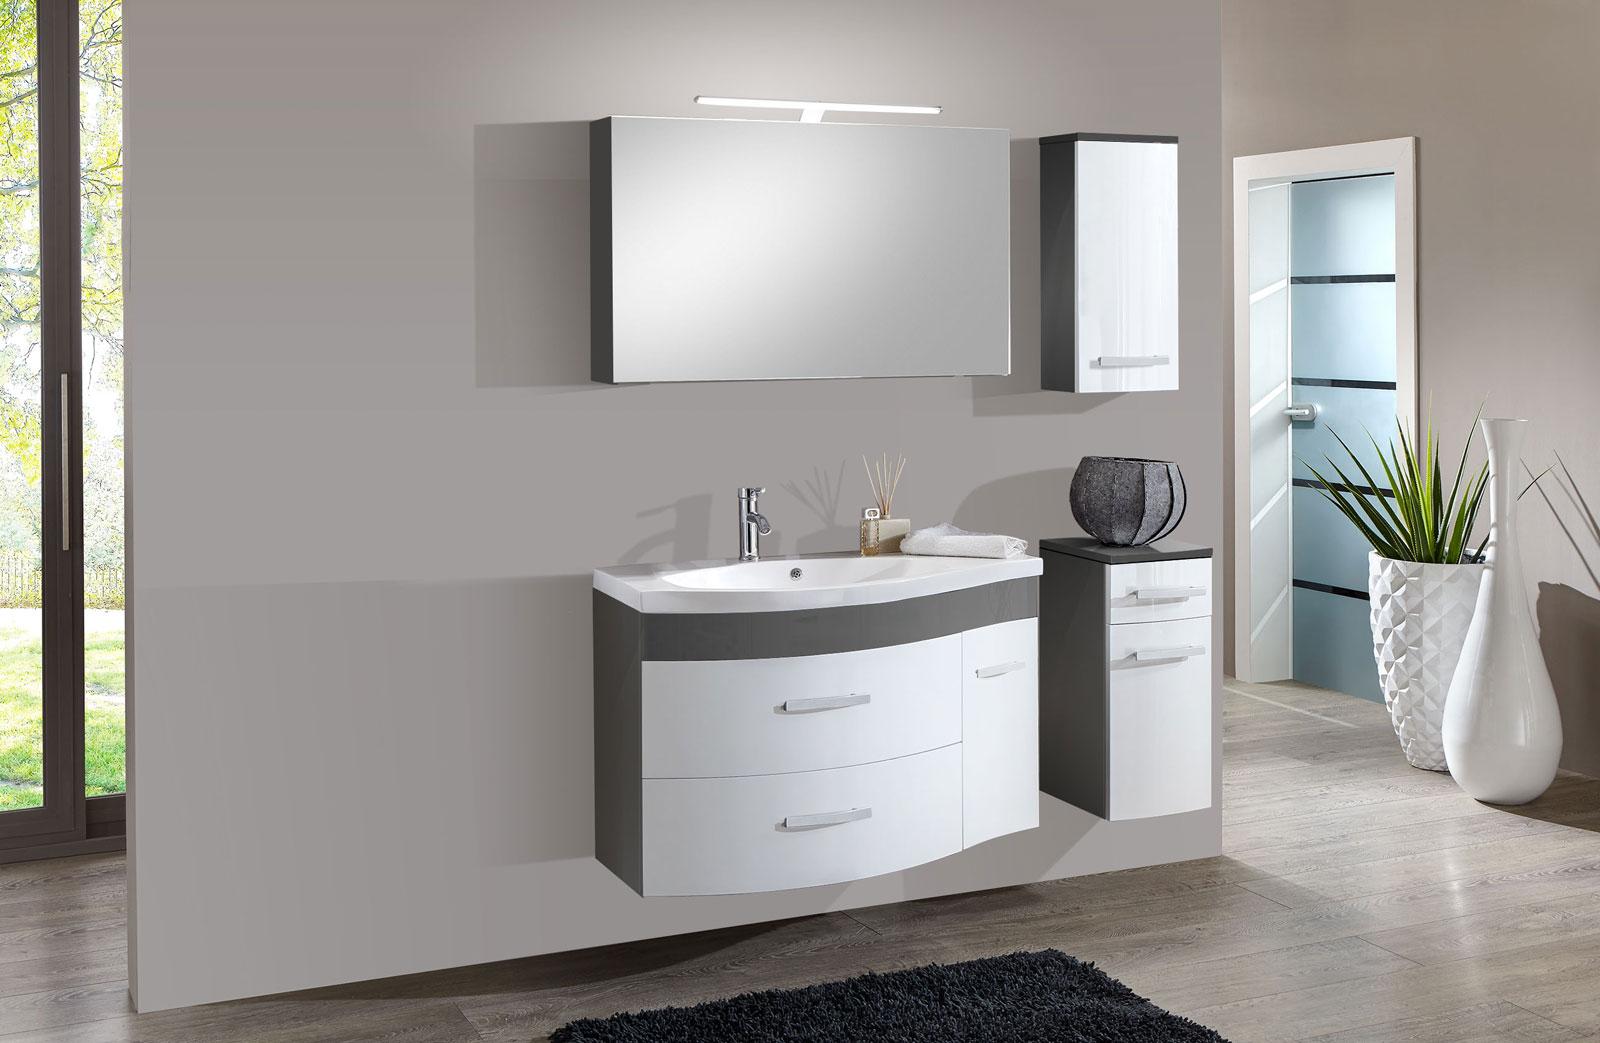 Badezimmer Grau Weiß: Badezimmer Blau Weiß Grau Wandfarbe Türkis